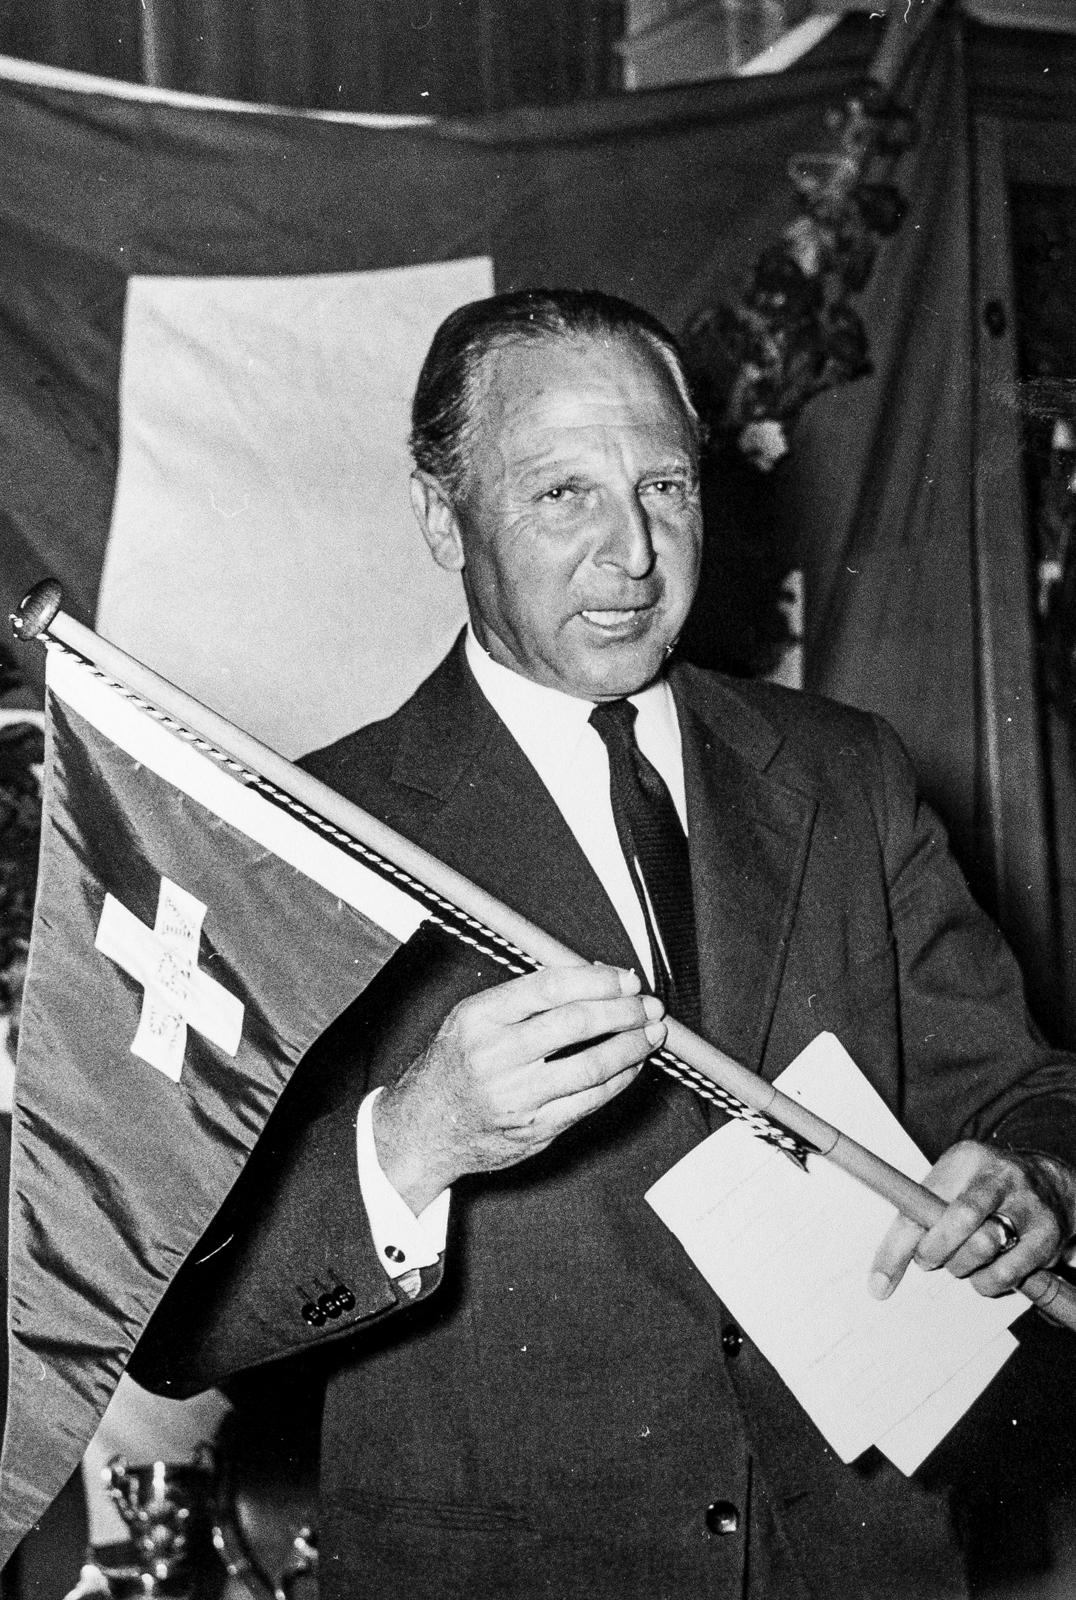 1953, Schweizermeister-Empfang durch Bürgermeister Schärer und die Harmonie Erlenbach